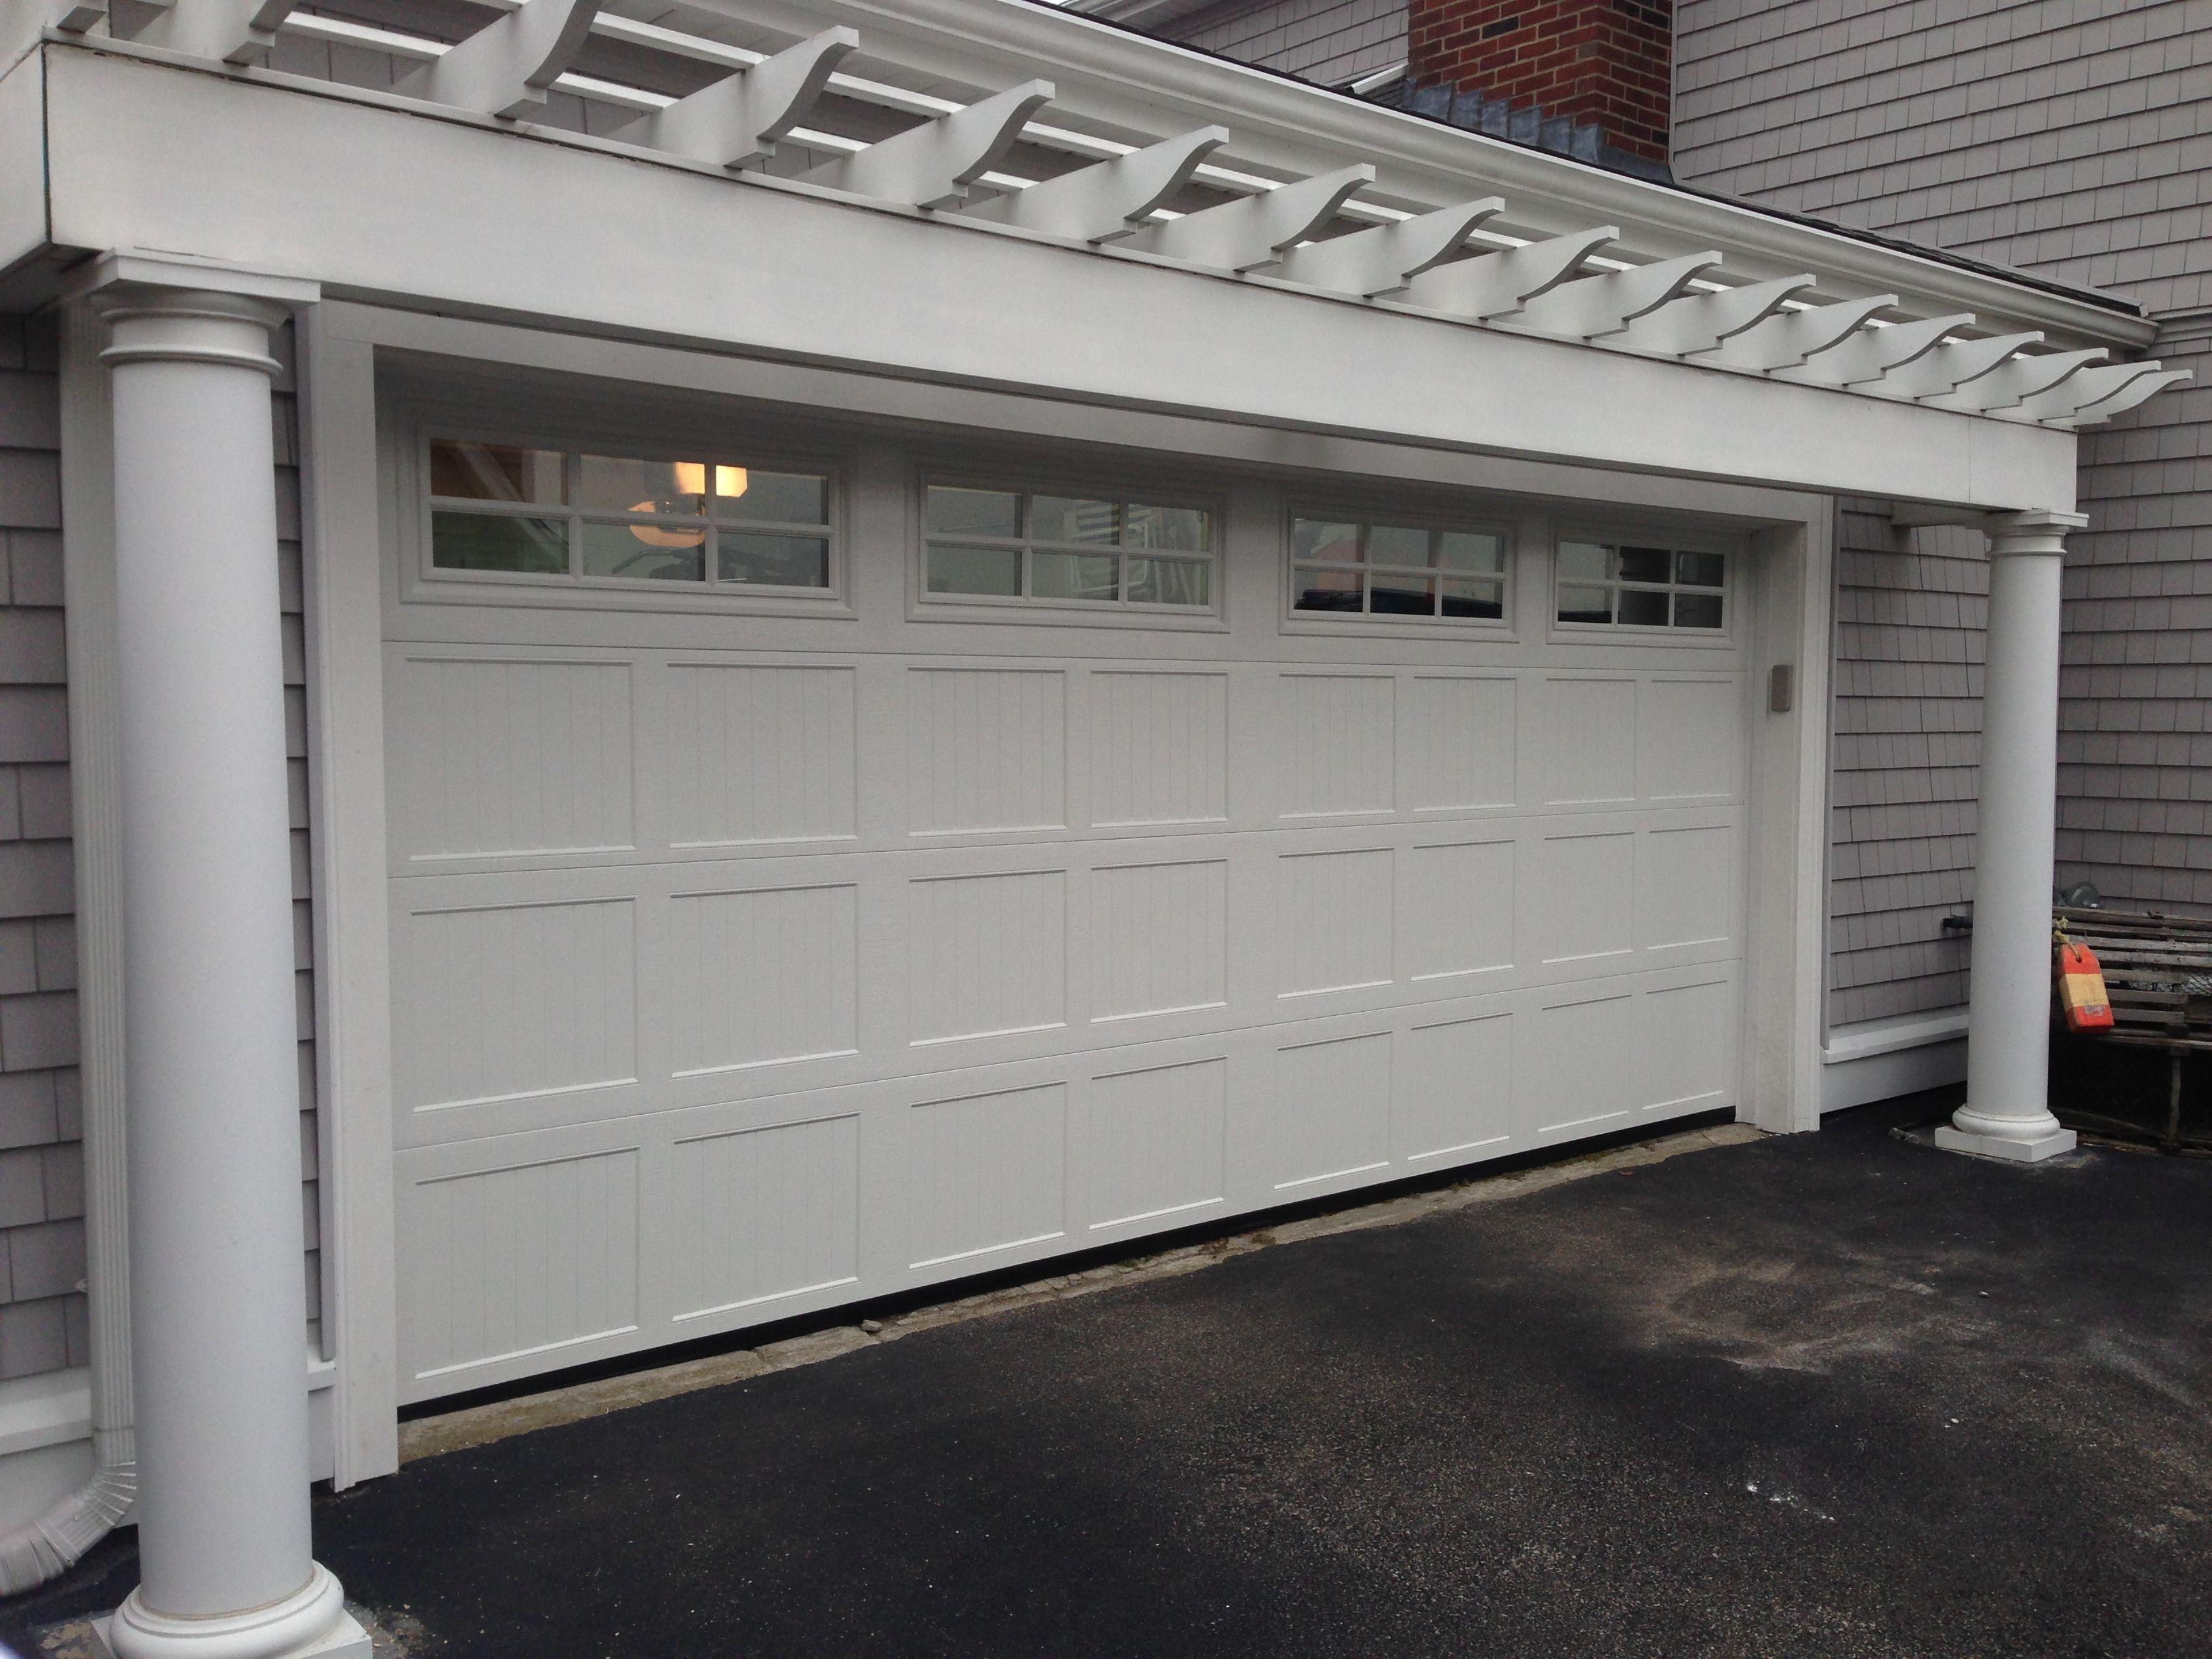 Haas Model 2060 Steel Carriage House Style Garage Door In